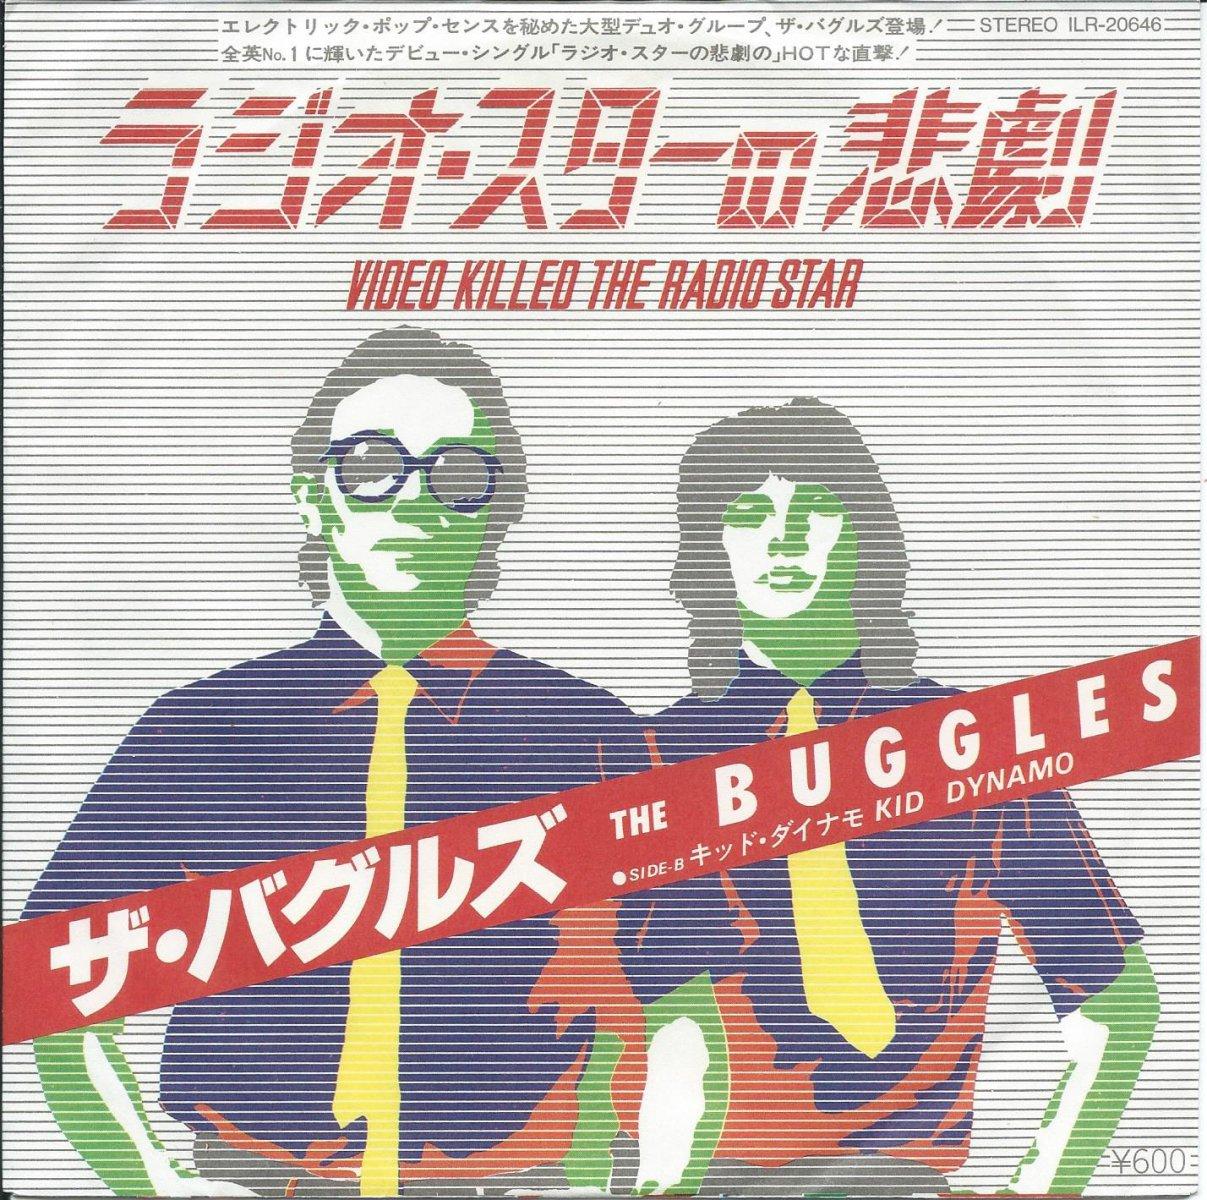 ザ・バグルズ THE BUGGLES / ラジオ・スターの悲劇 VIDEO KILLED THE RADIO STAR (7